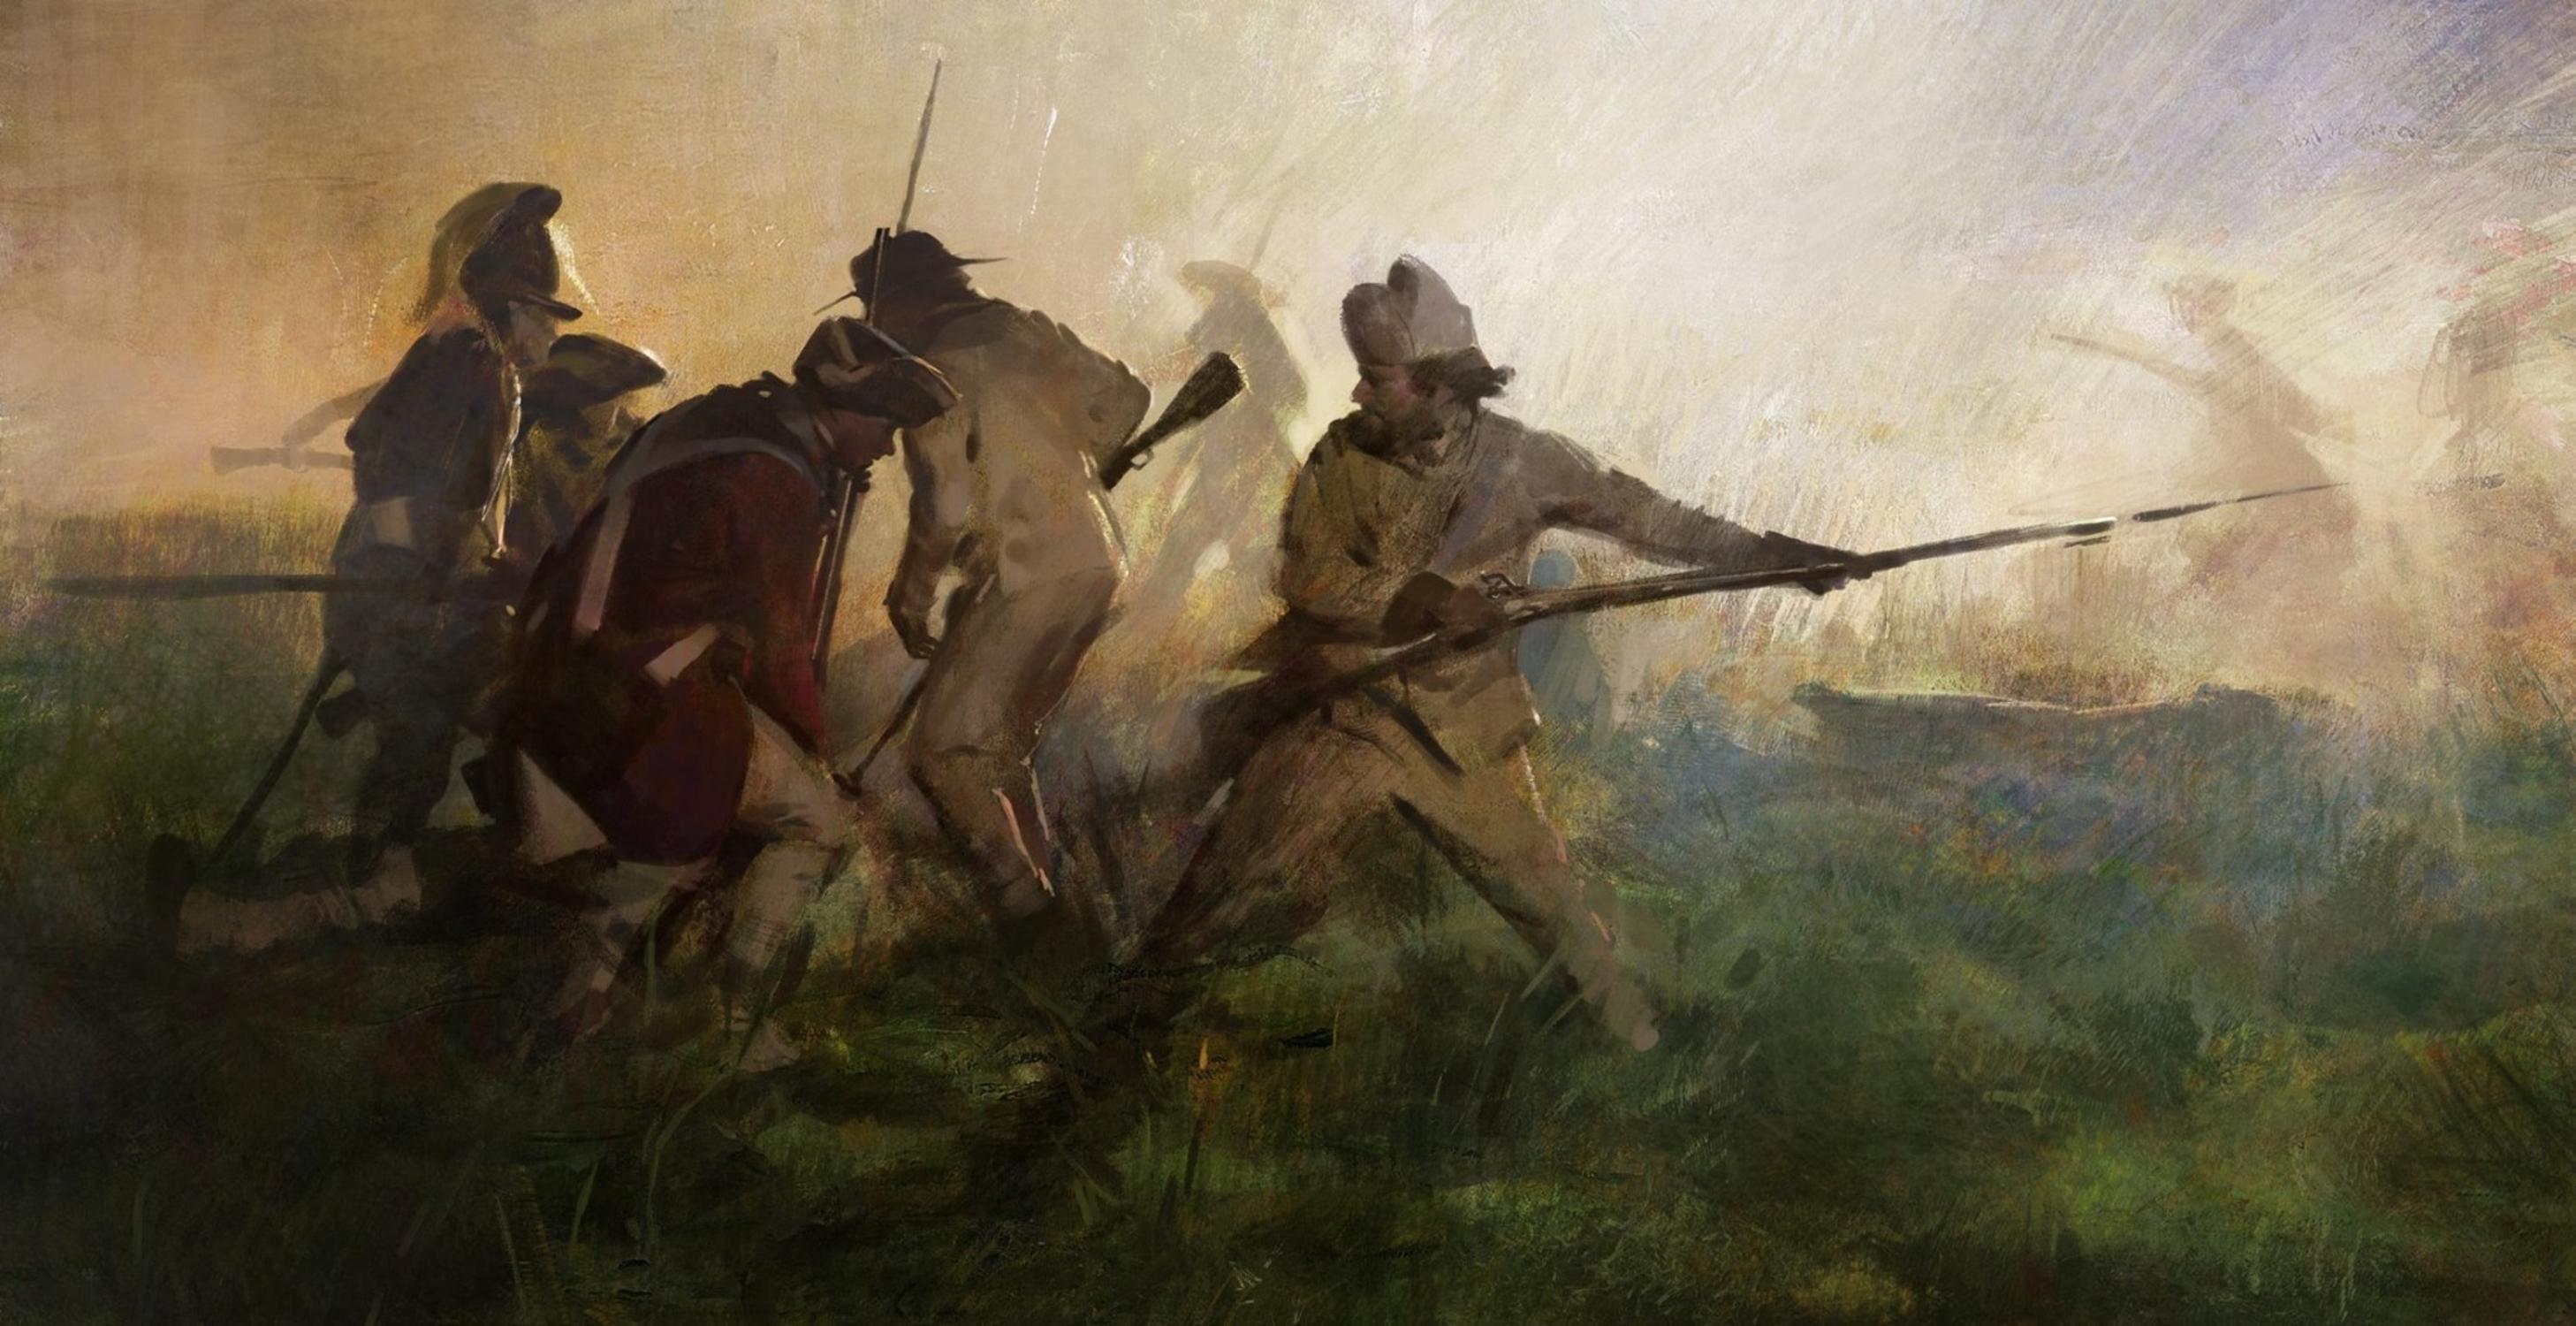 Battle Field Artwork by Wangjie Li